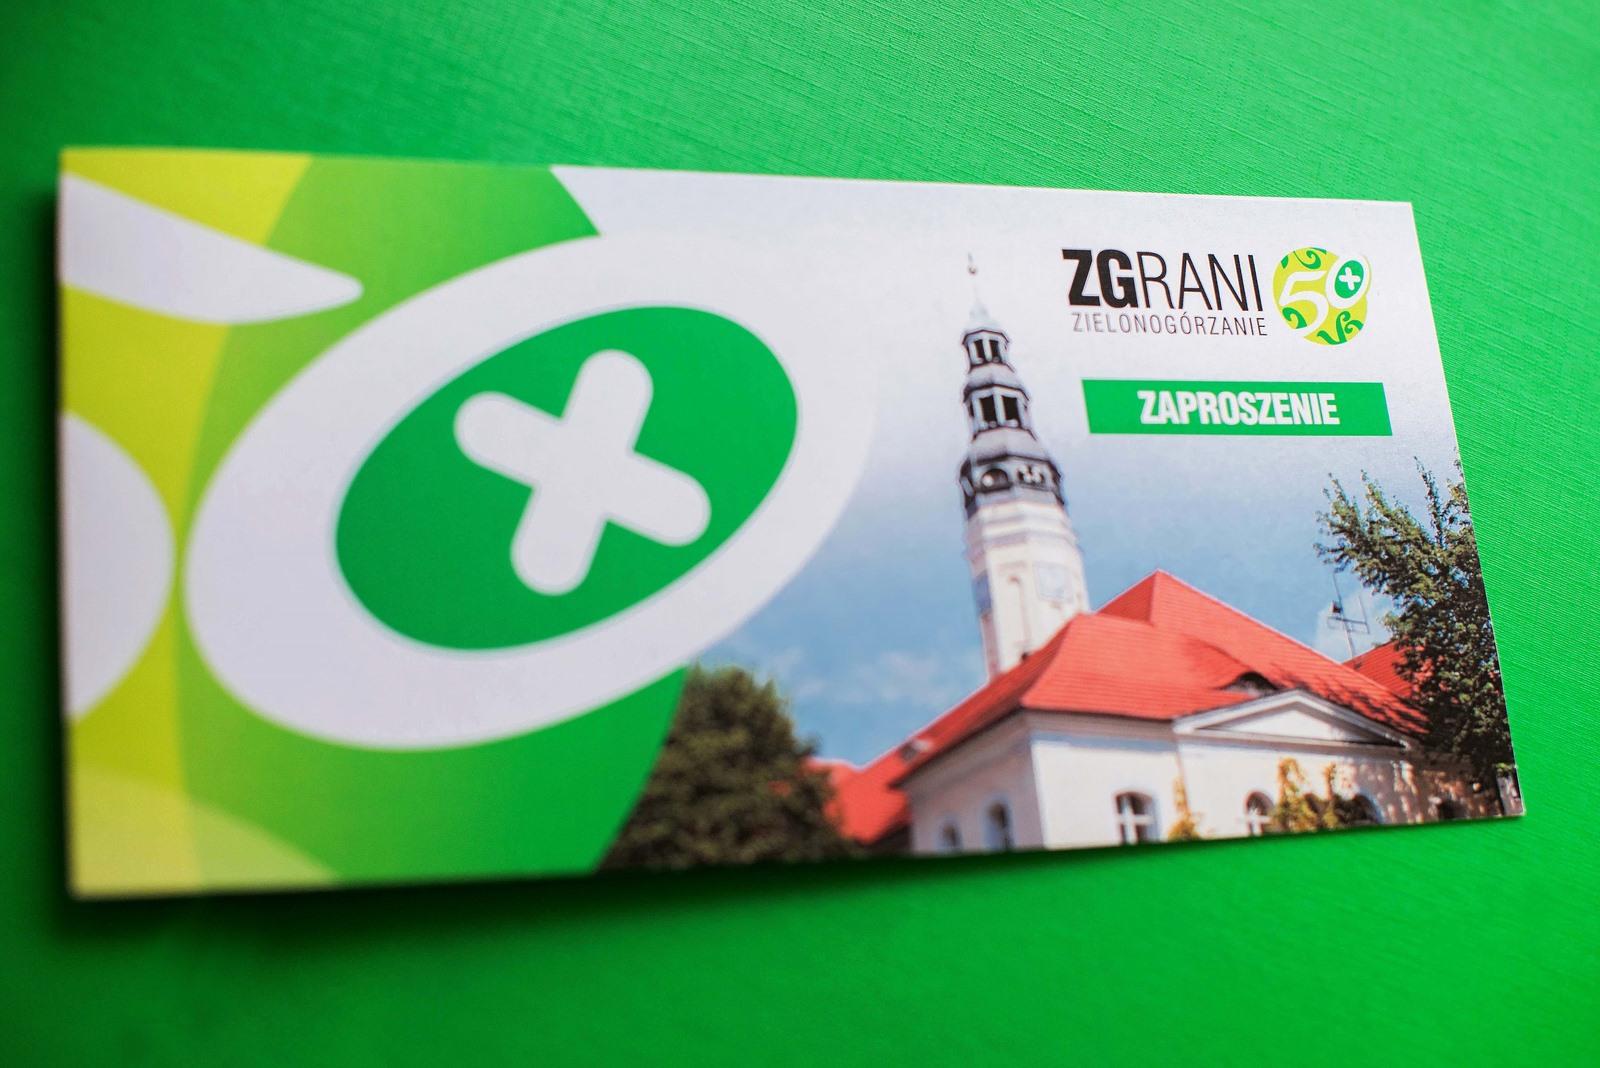 Ilustracja do informacji: To już 15 000 Kart Zgrani Zielonogórzanie 50+ !!!